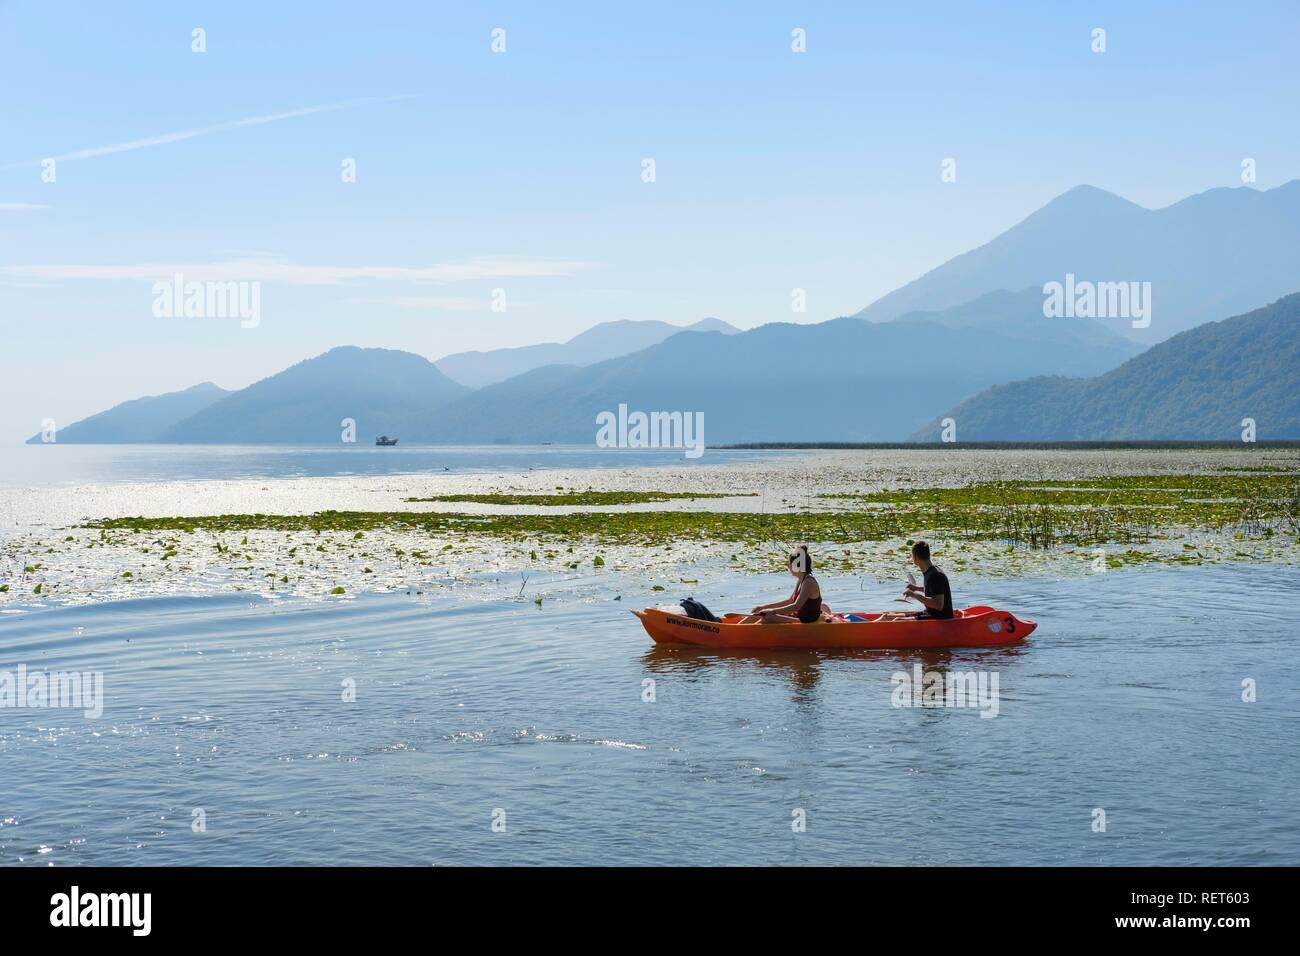 Canoe on Lake Skadar, National Park Lake Skadar, Bar Province, Montenegro - Stock Image